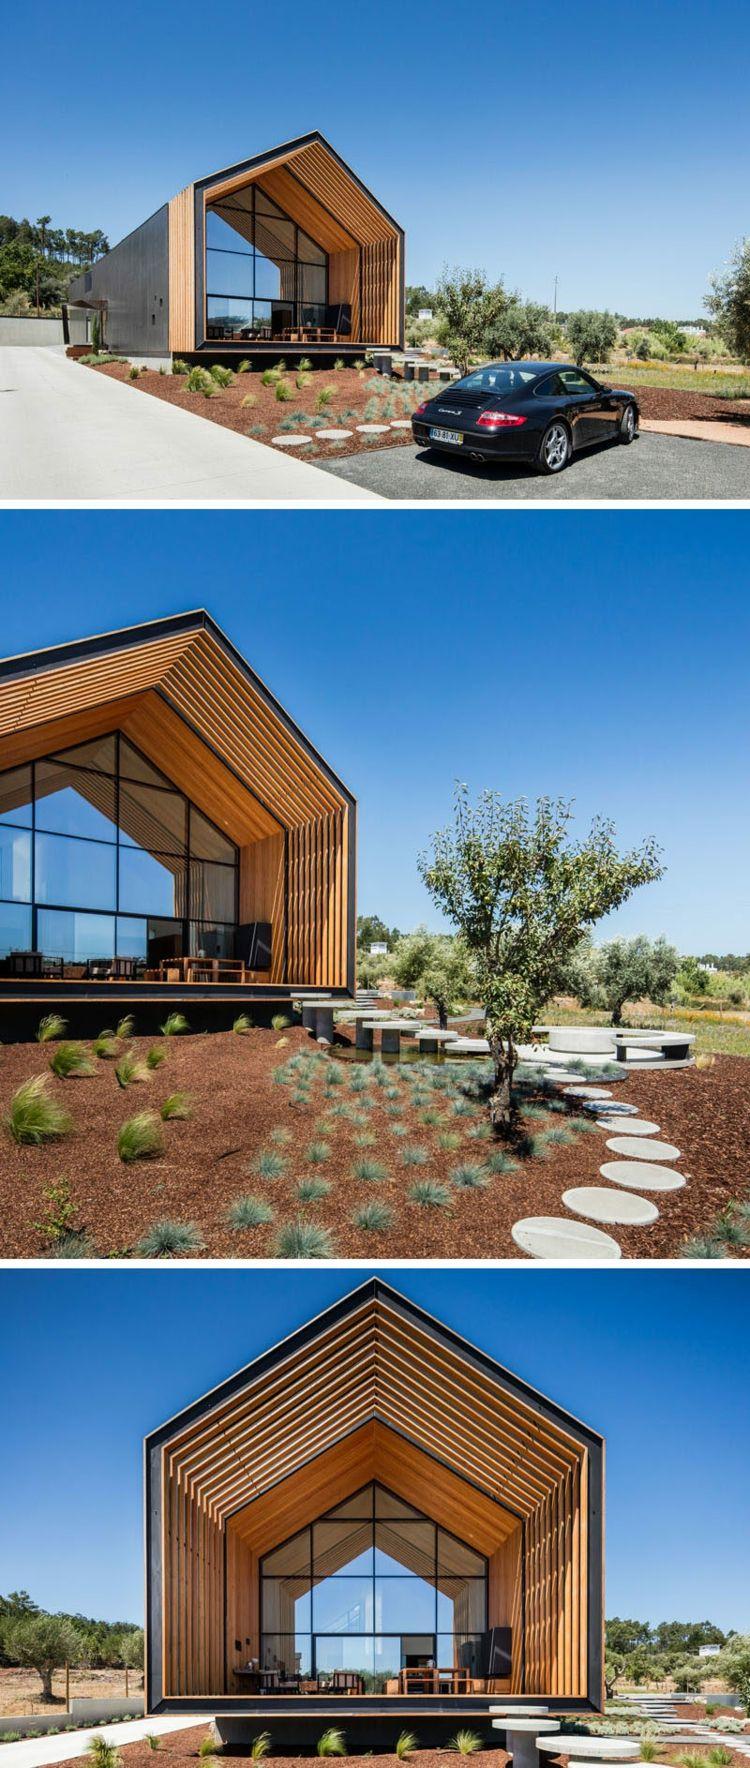 Form haus schwarzer beton holz veranda aus holz garten traumhäuser modern family house